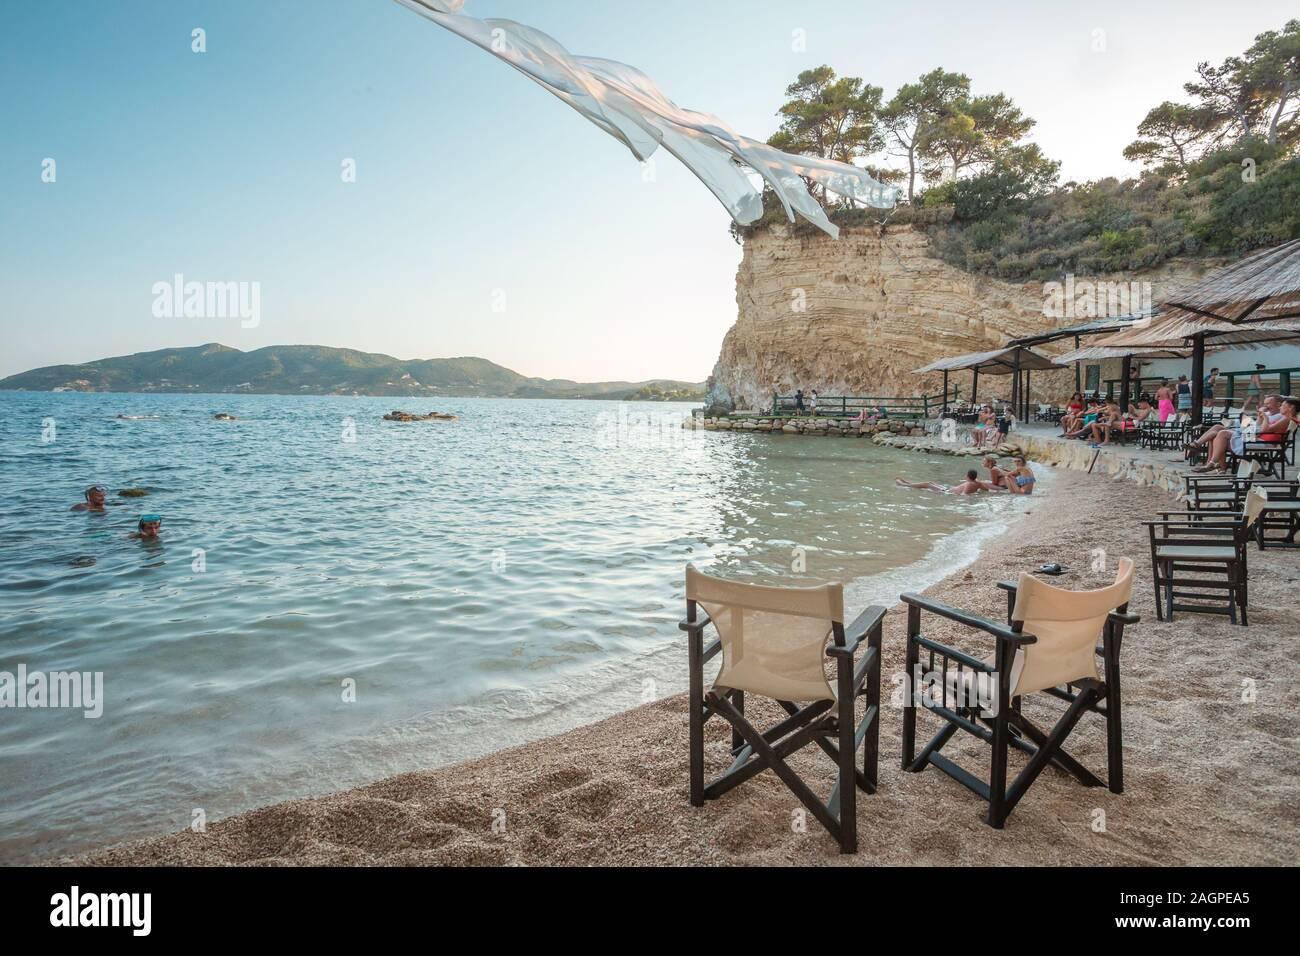 L'île de Cameo, en Grèce, en août 2019, Cameo Island, île privée sur la côte de Laganas, Zante avec corde romantique, avec des draps blancs. Célèbre Banque D'Images